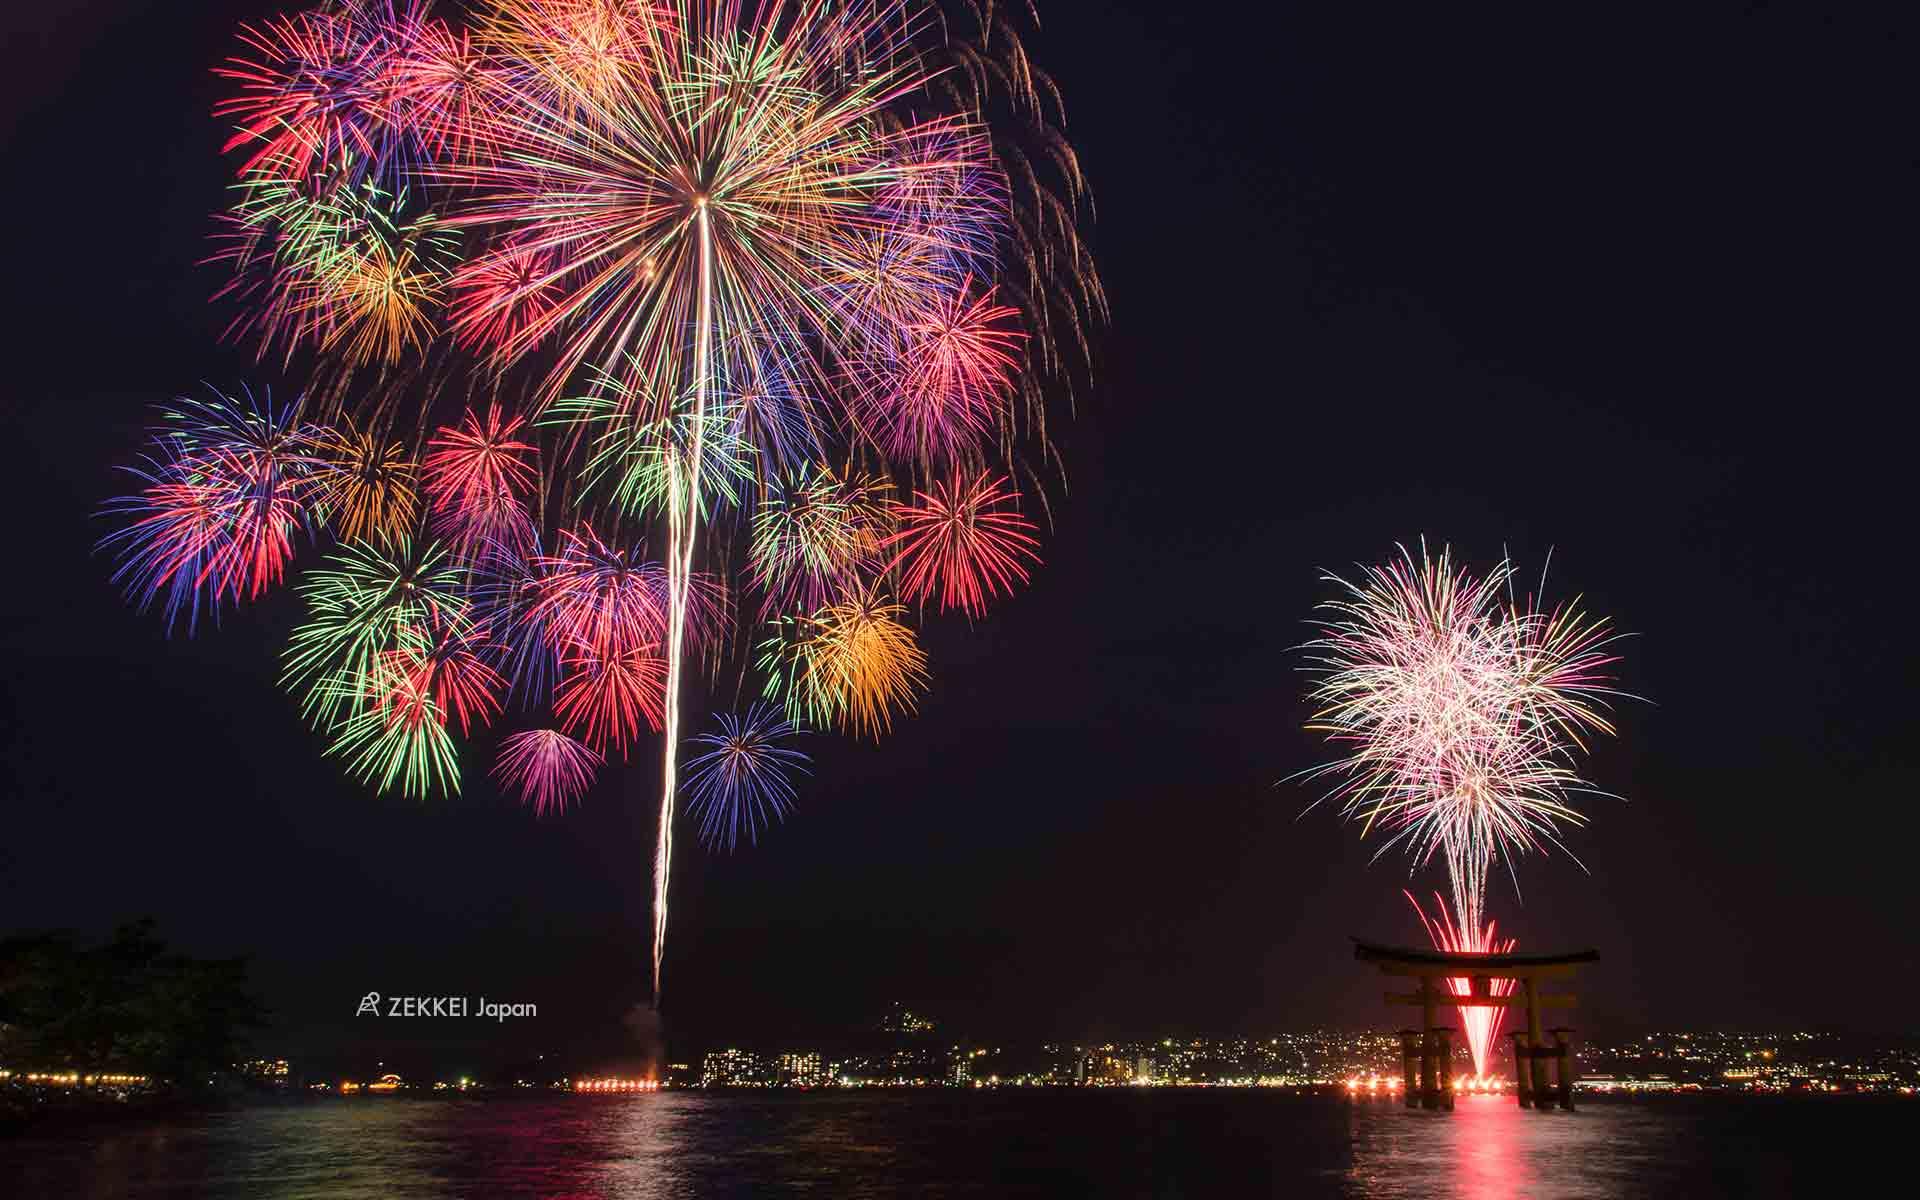 あなたのパソコン スマホに絶景を 夏を彩る花火のzekkei壁紙を